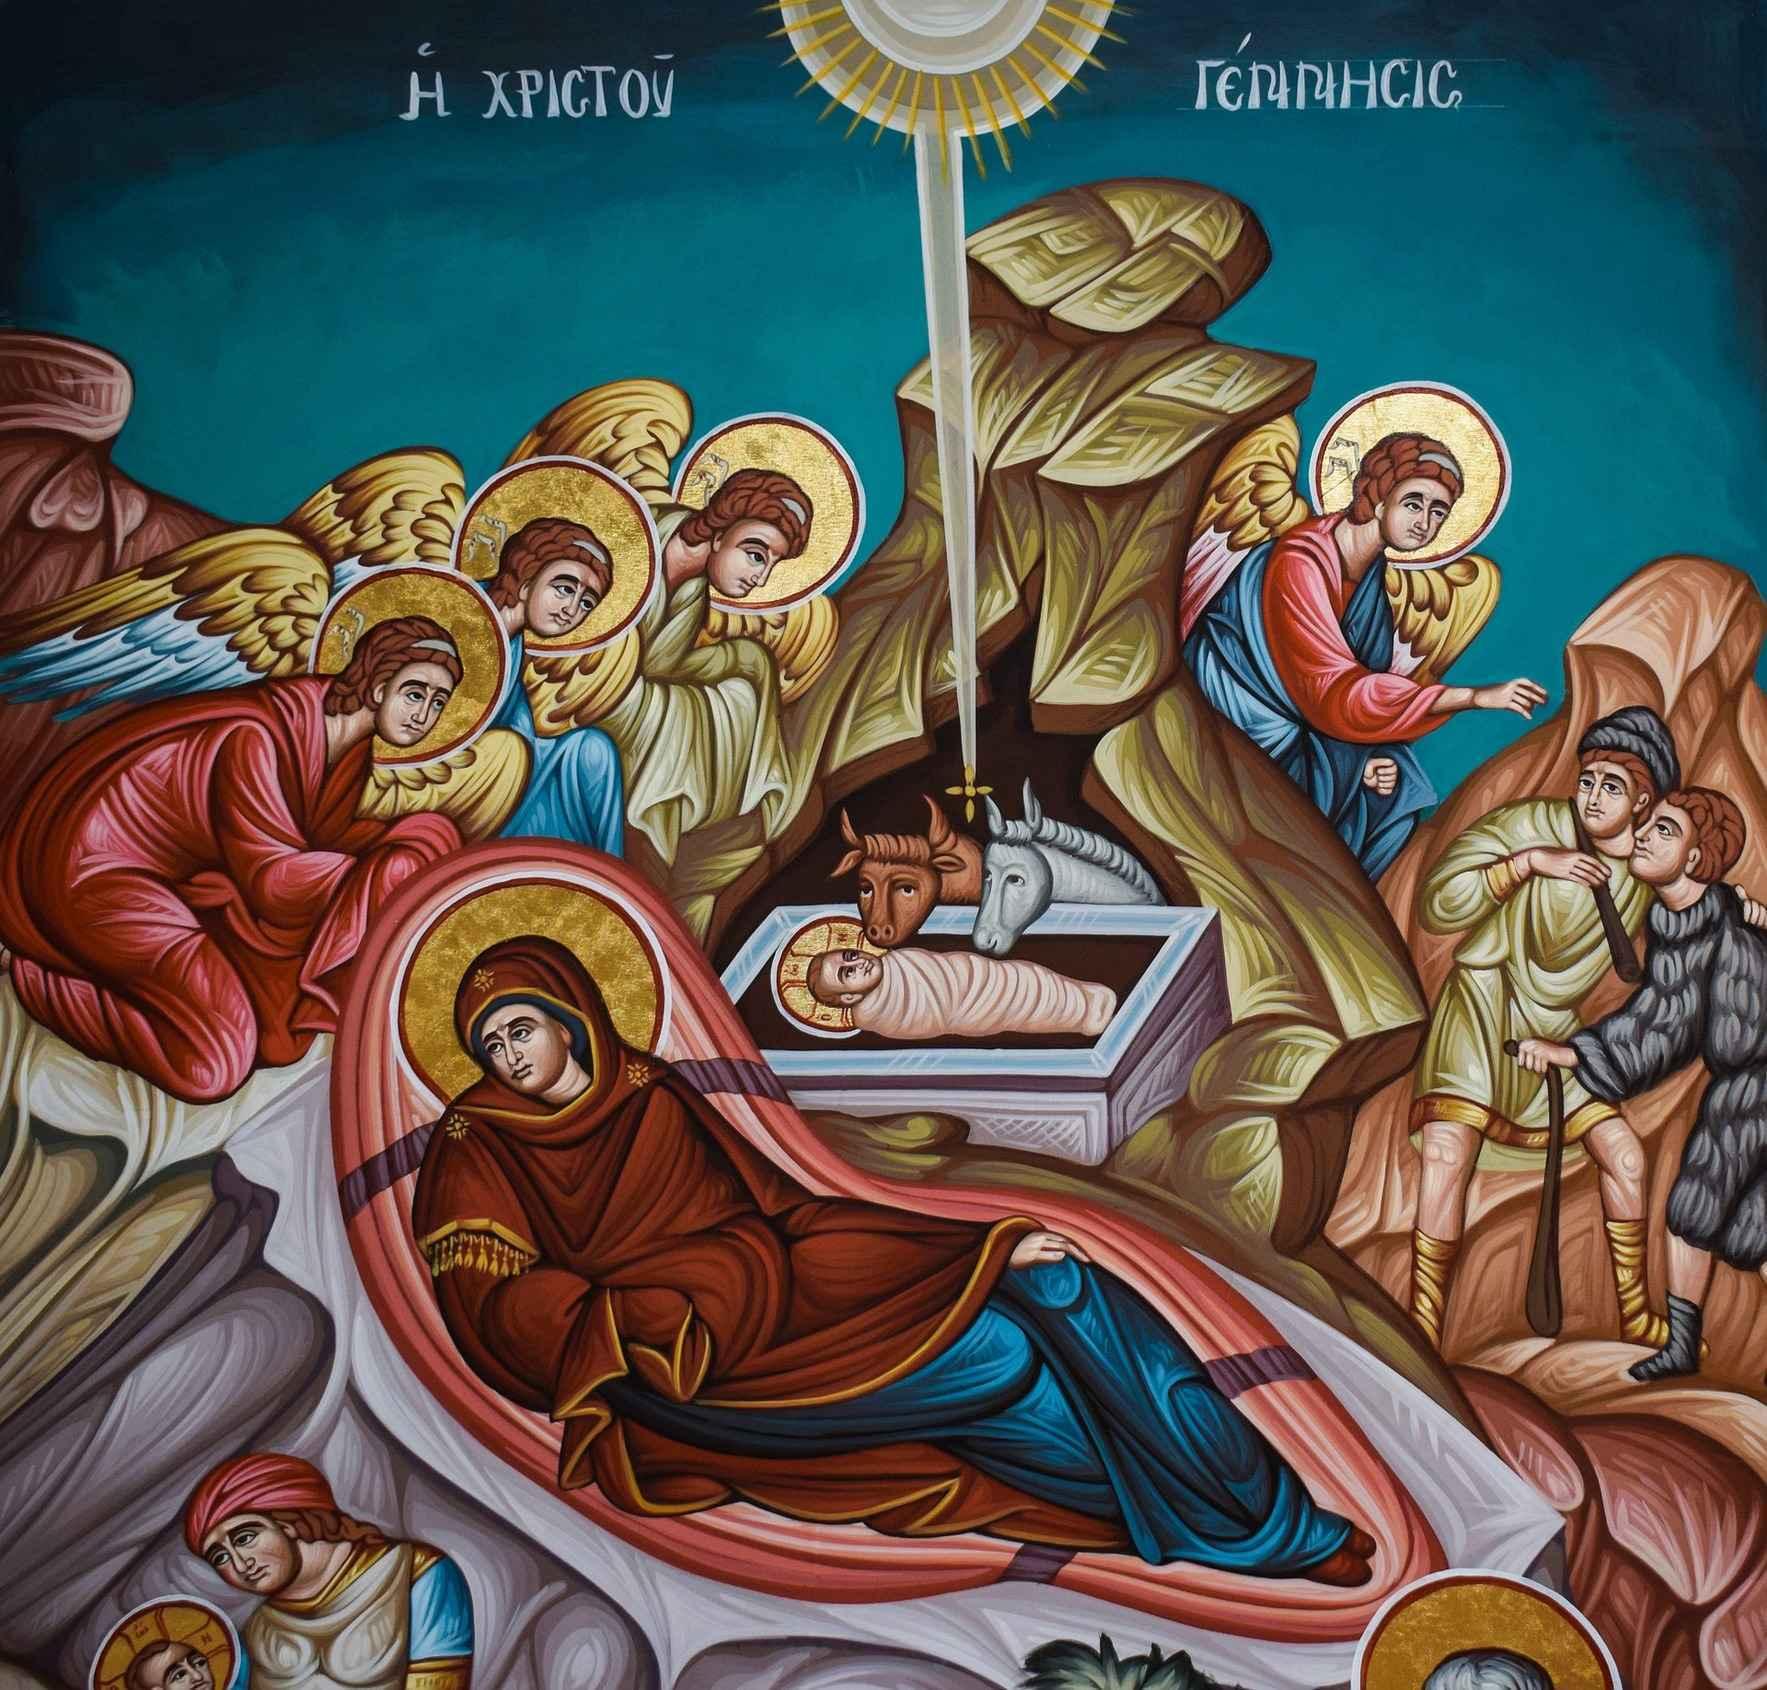 St. Nicholas' Generosity Impacted the World image